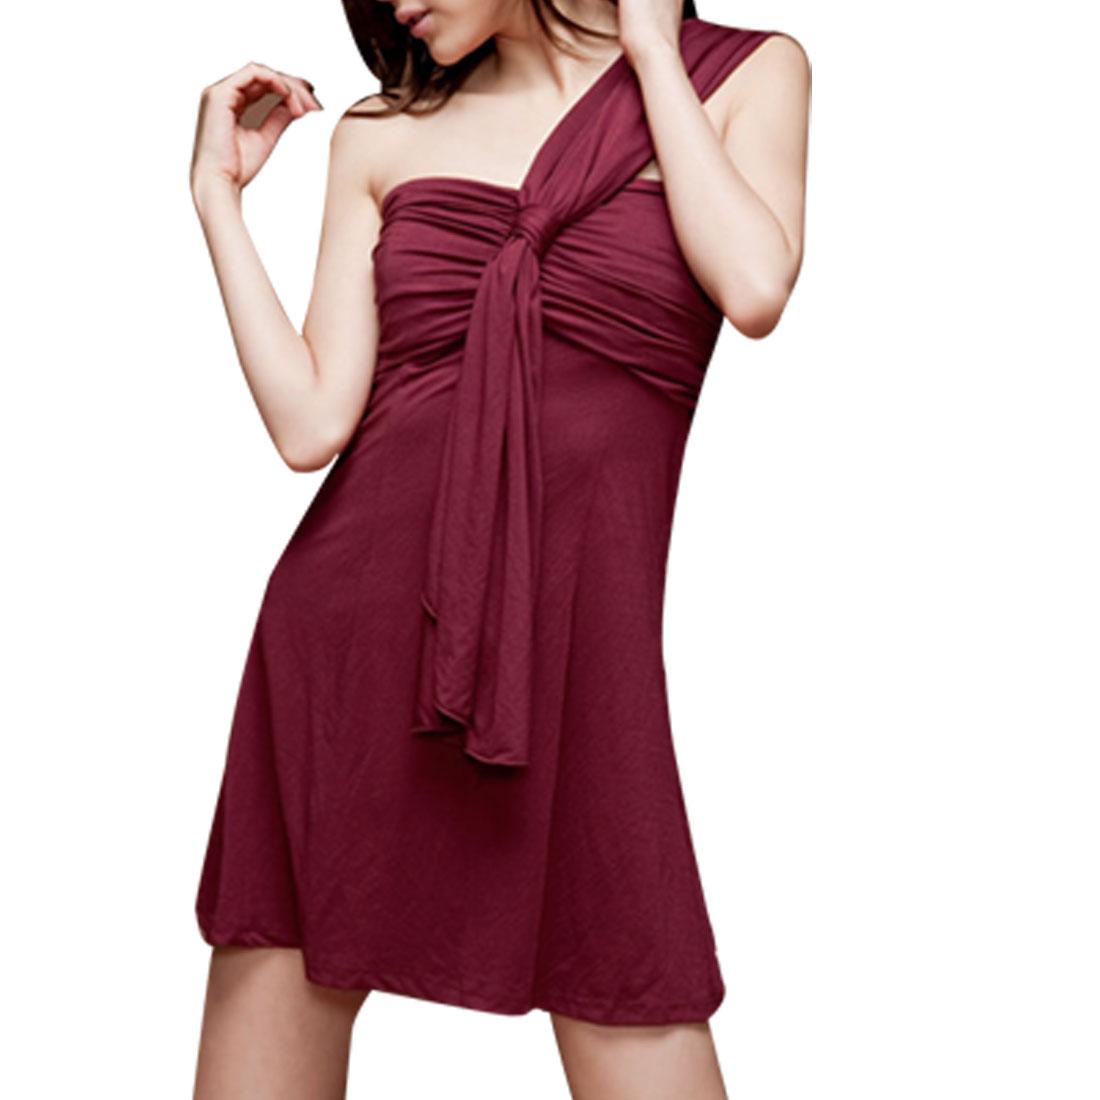 Ladies Ruched Front Smocked Back Burgundy One Shoulder Dress XS